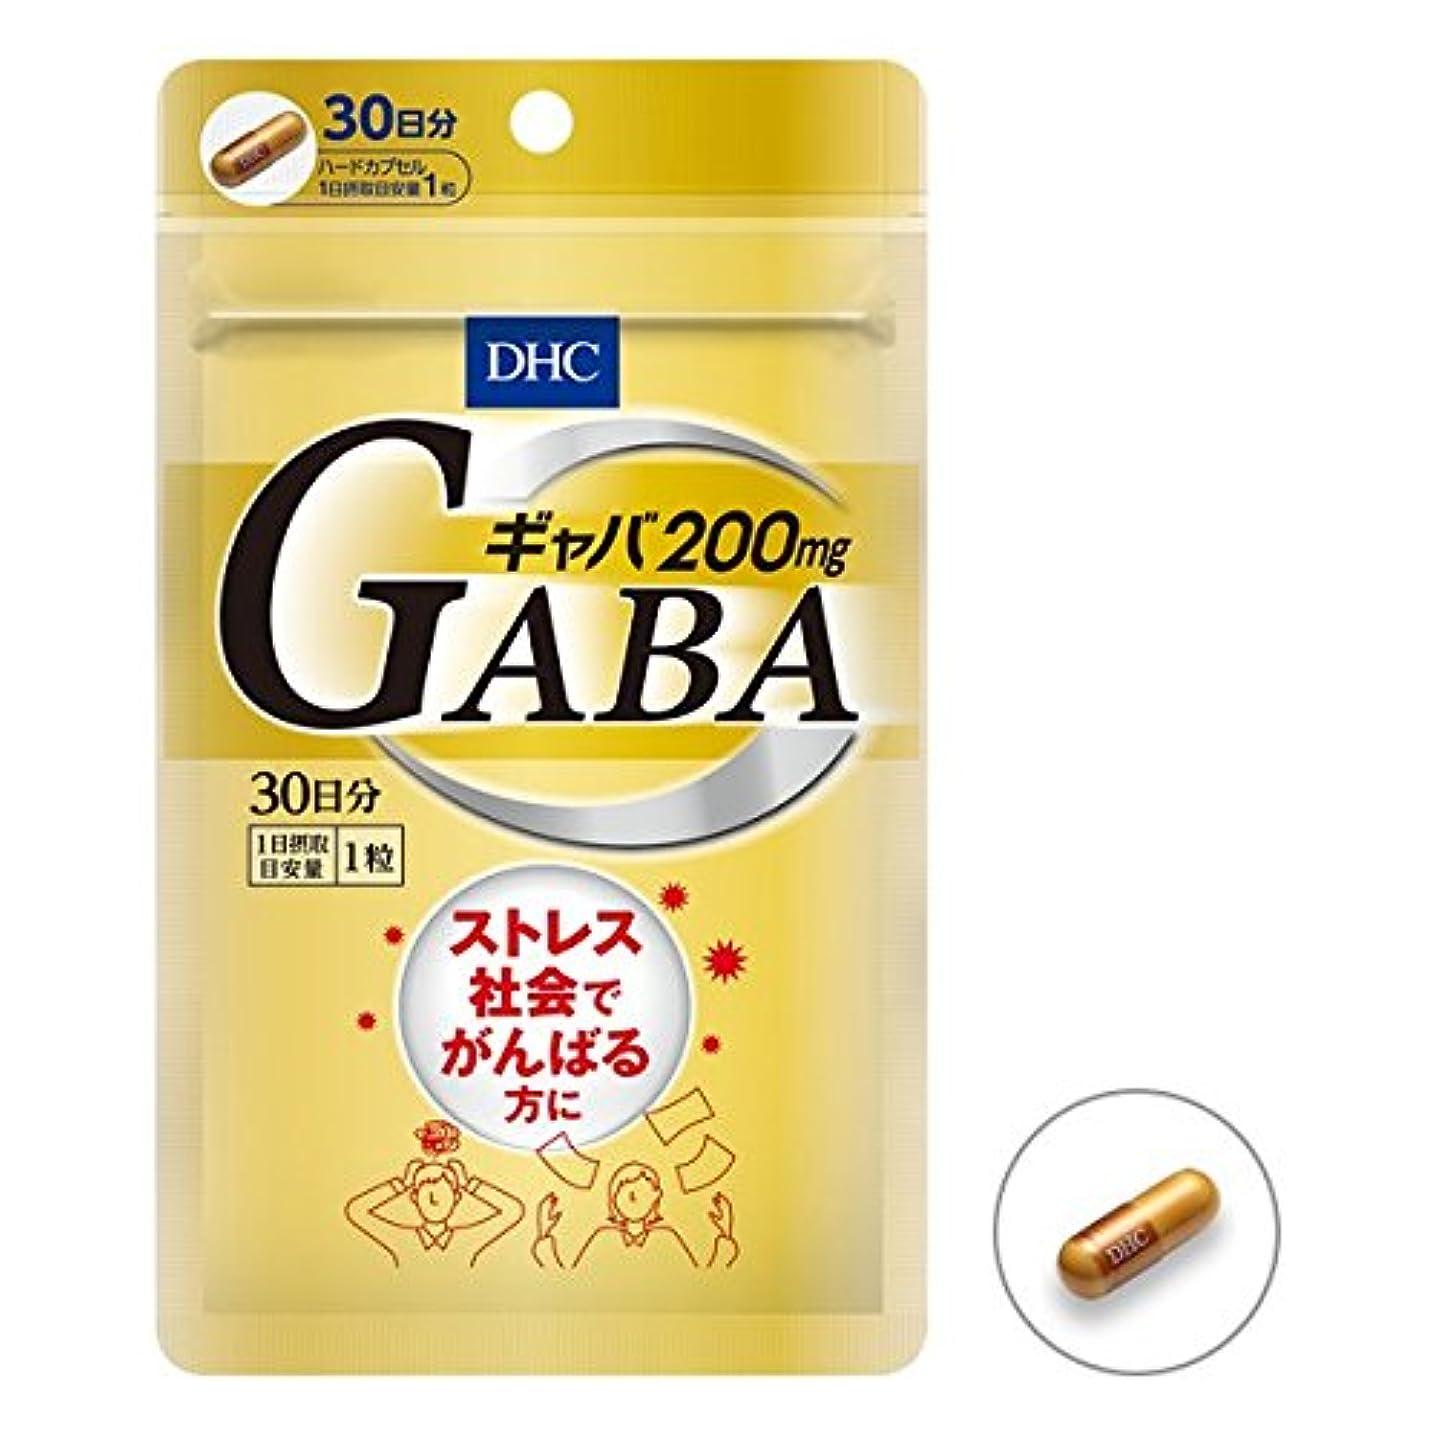 立派なガイドラインパケットギャバ(GABA) 30日分